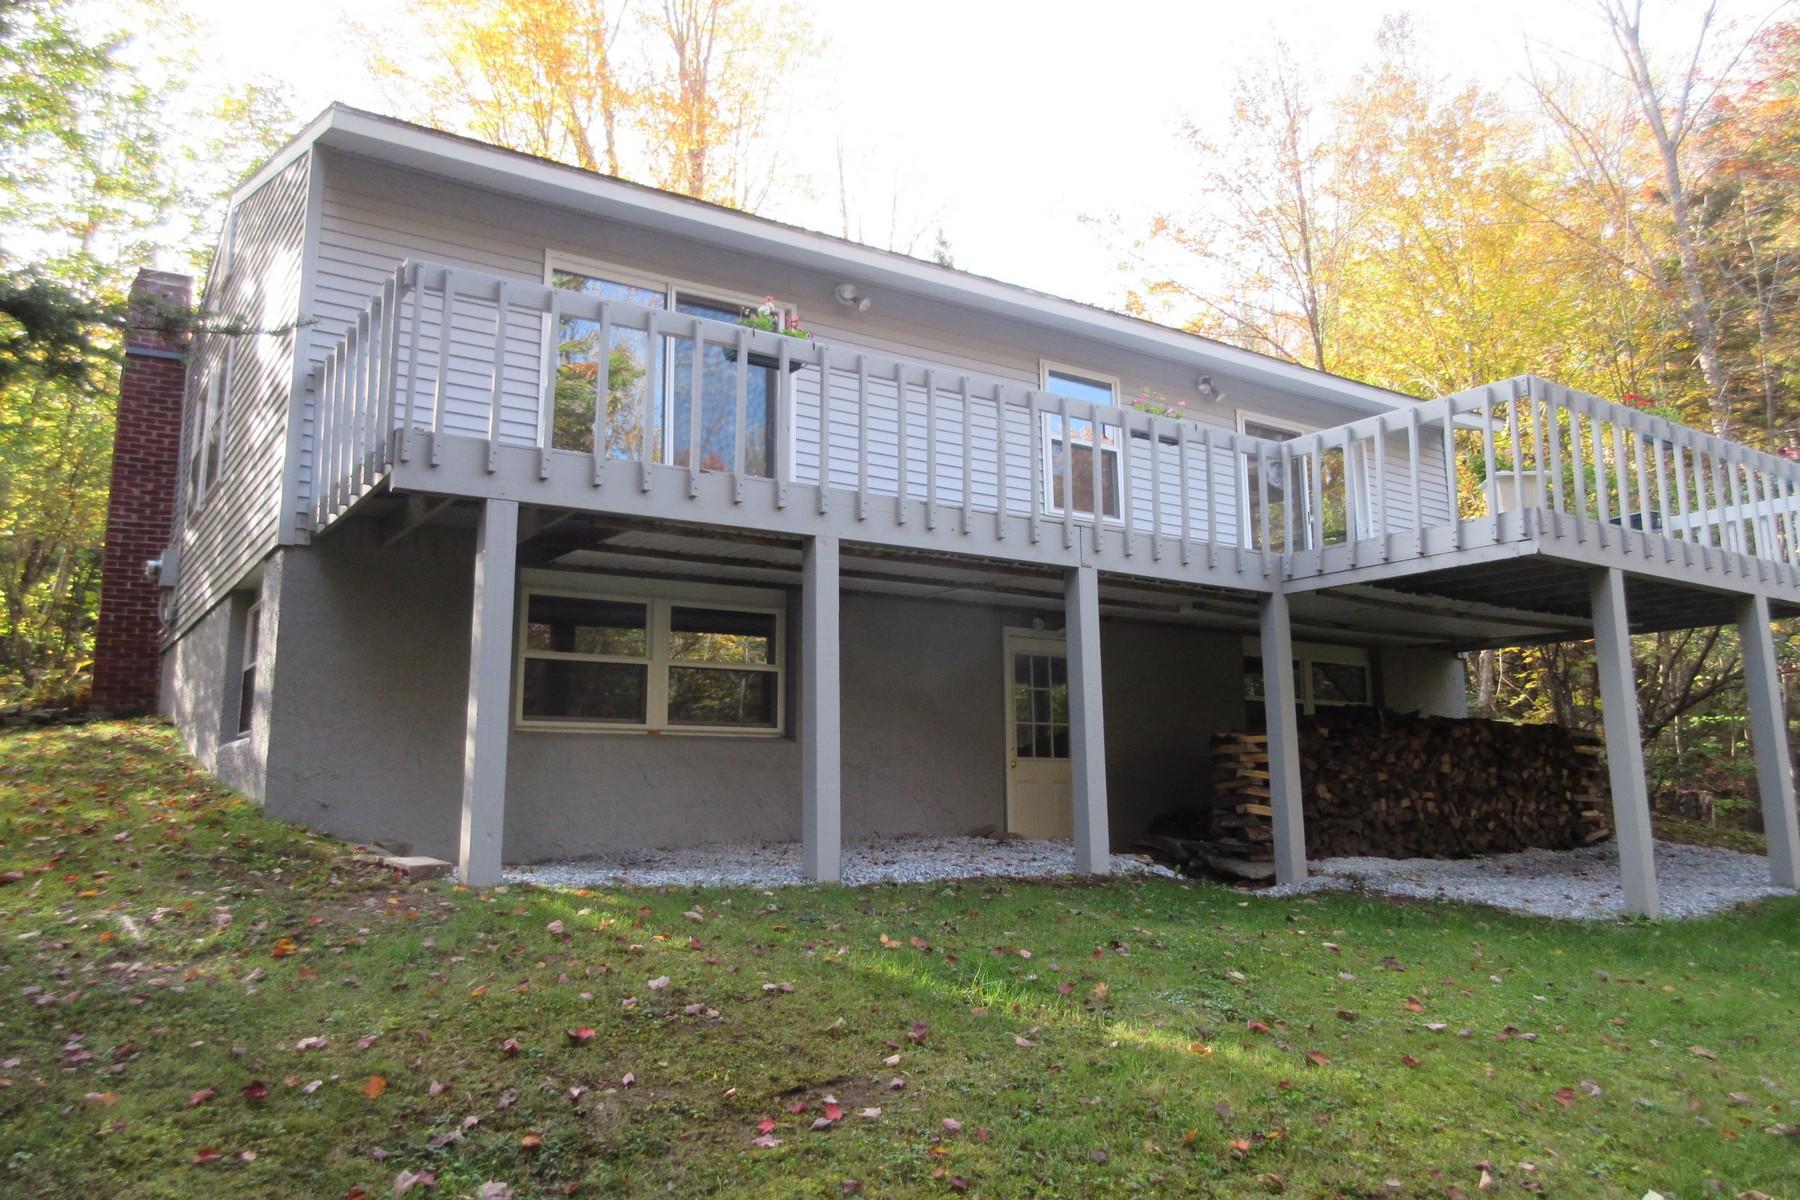 独户住宅 为 销售 在 Furnished & Turnkey -Totally Remodeled! 150 Highland Vw, 韦斯顿, 佛蒙特州, 05161 美国